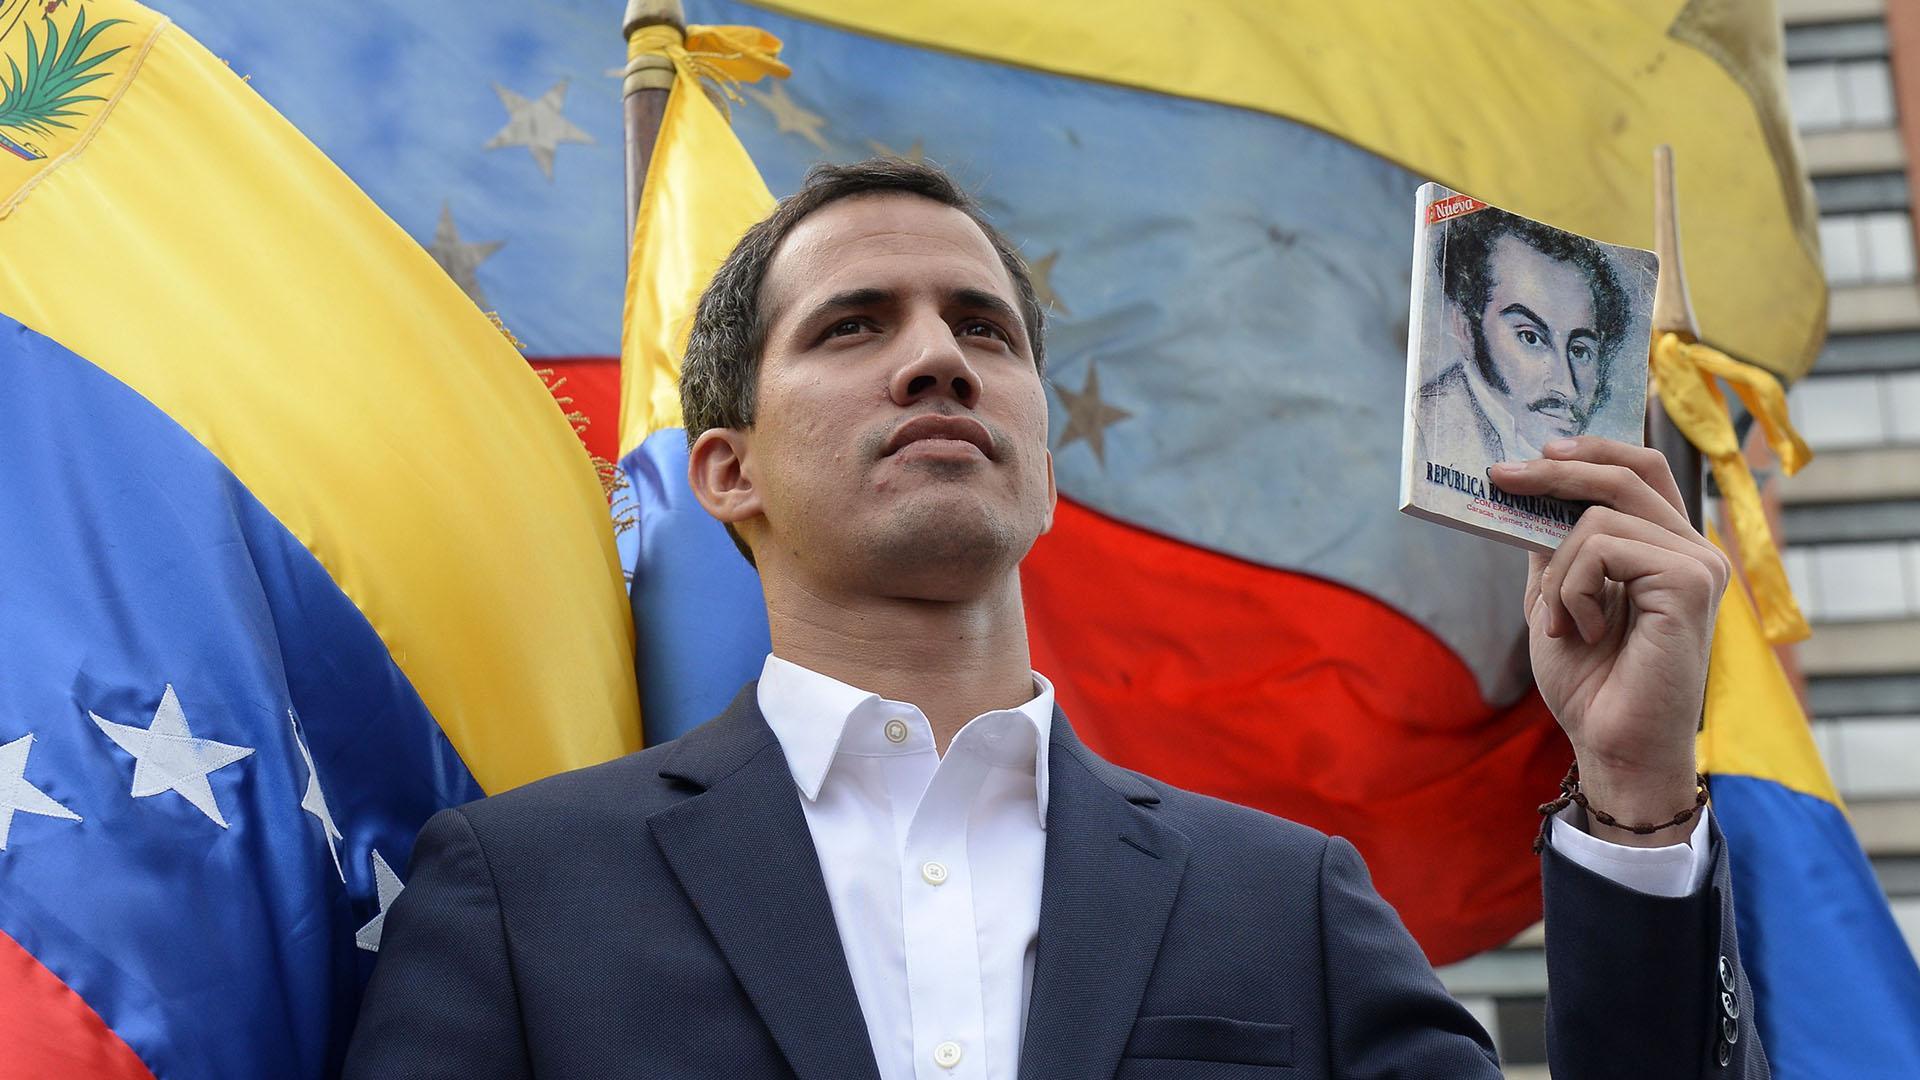 مقابلة-حصرية-مع-خوان-غوايدو-زعيم-المعارضة-الفنزويلية